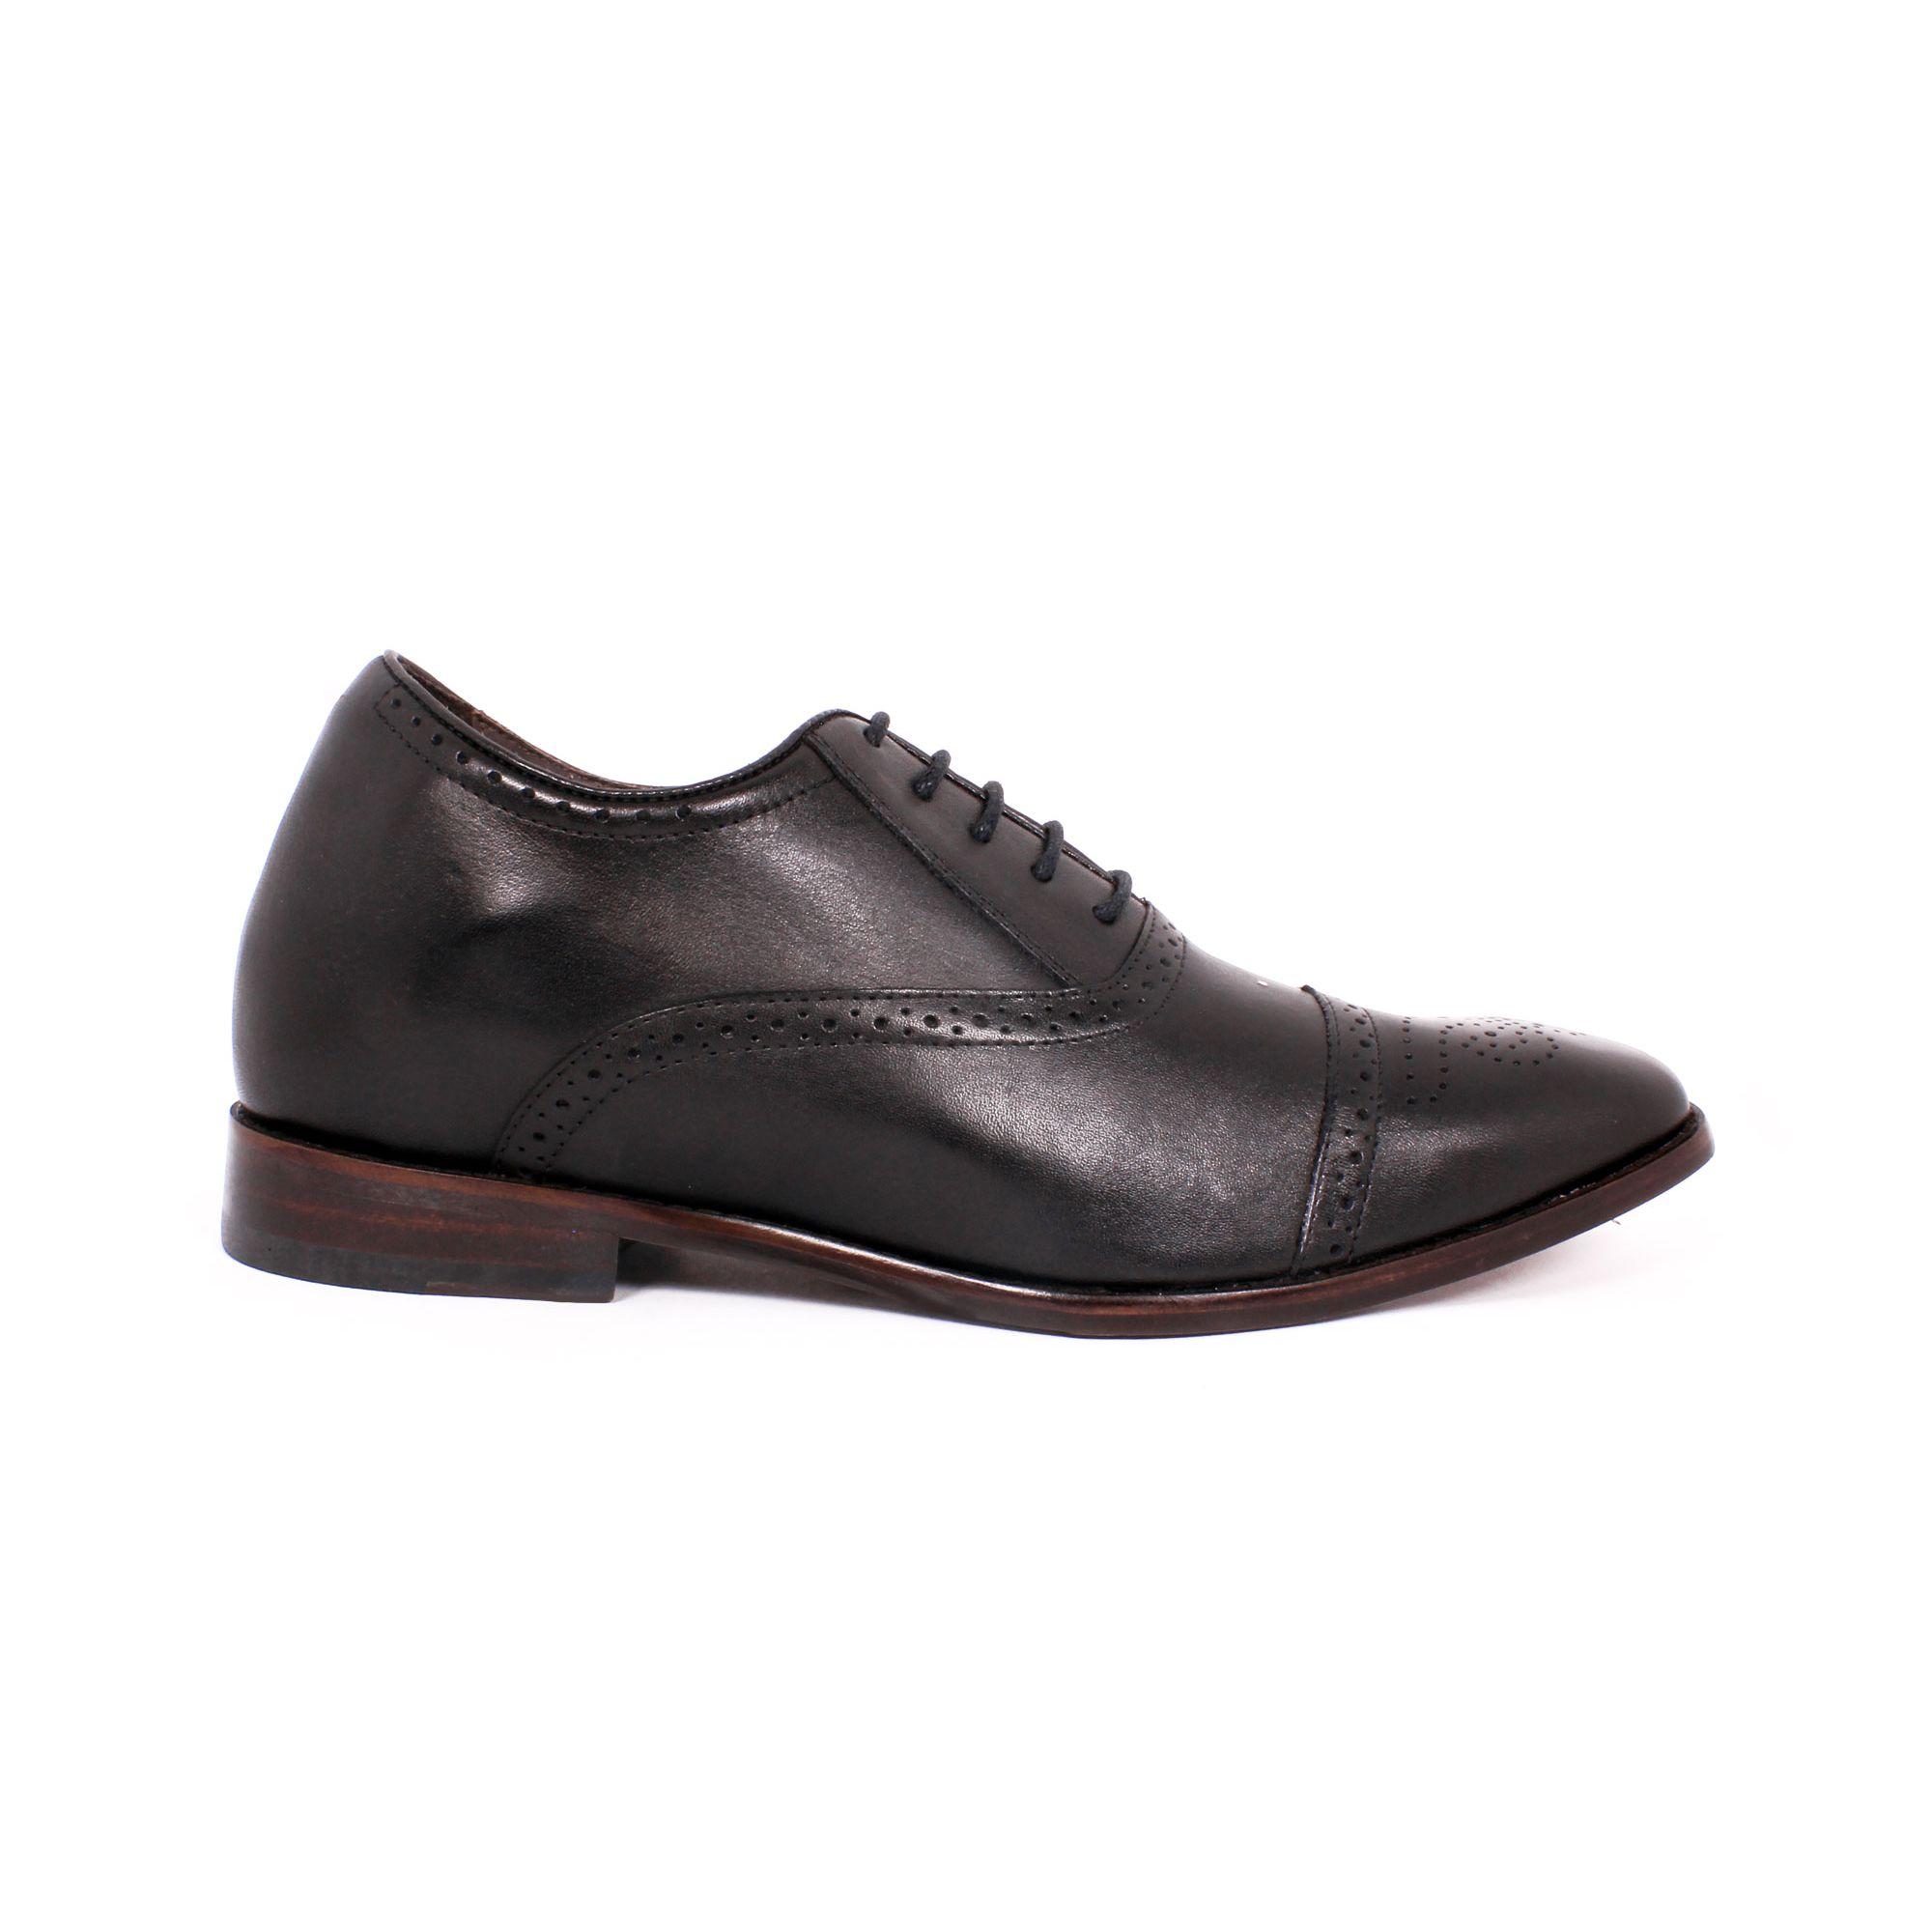 Zapato Formal British Negro Max Denegri +7cms de Altura_70780